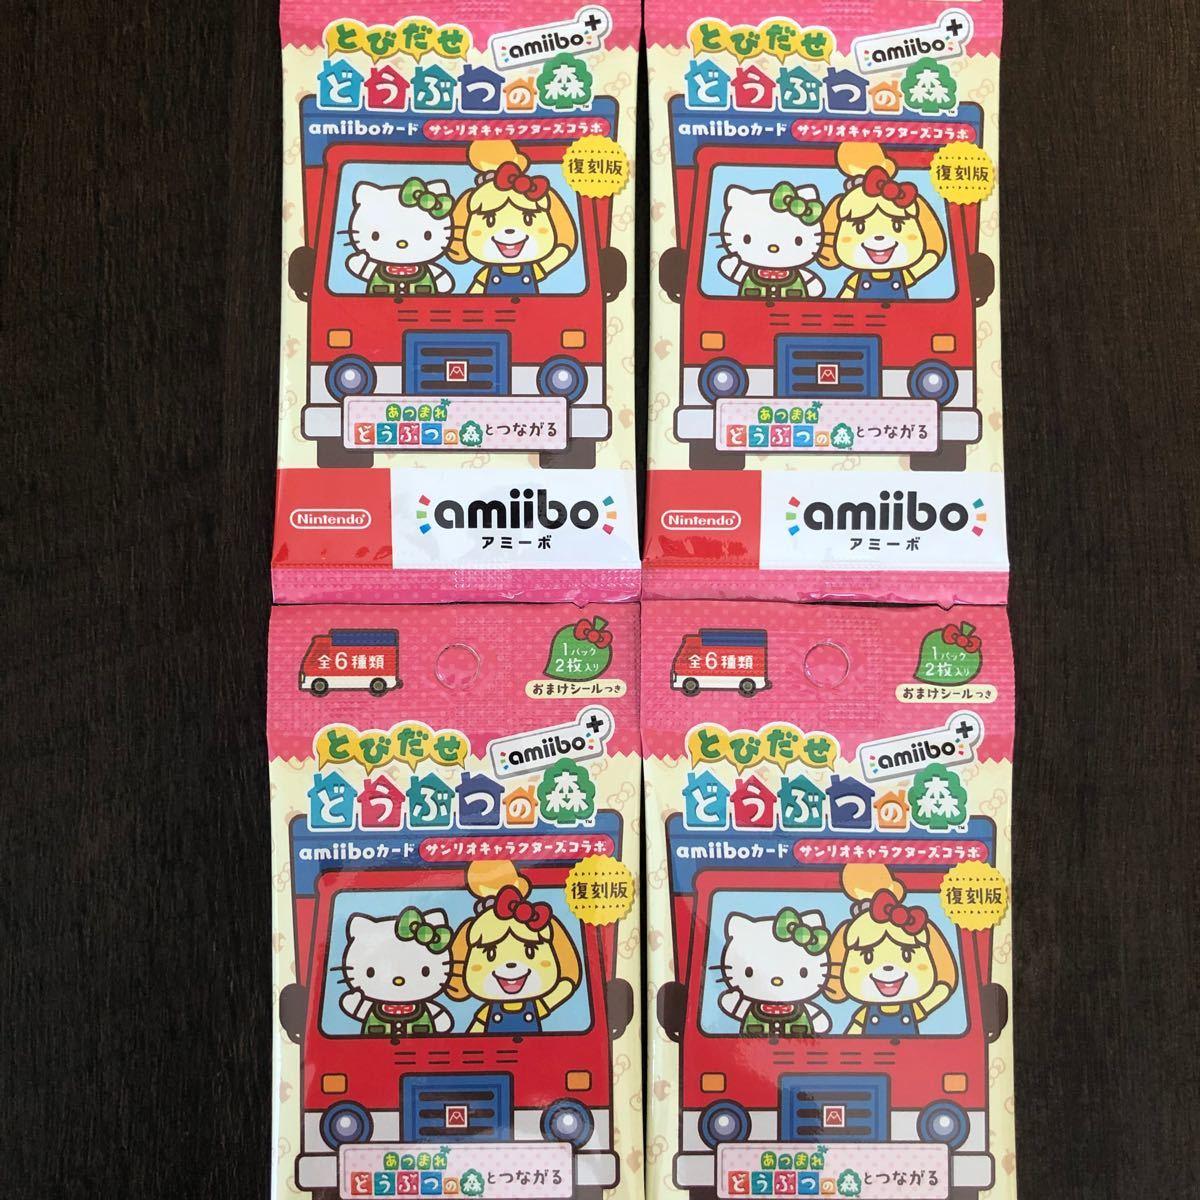 最安値!とびだせどうぶつの森 4パックセット amiiboカード アミーボ サンリオキャラクターズ未開封 アミーボカード コラボ